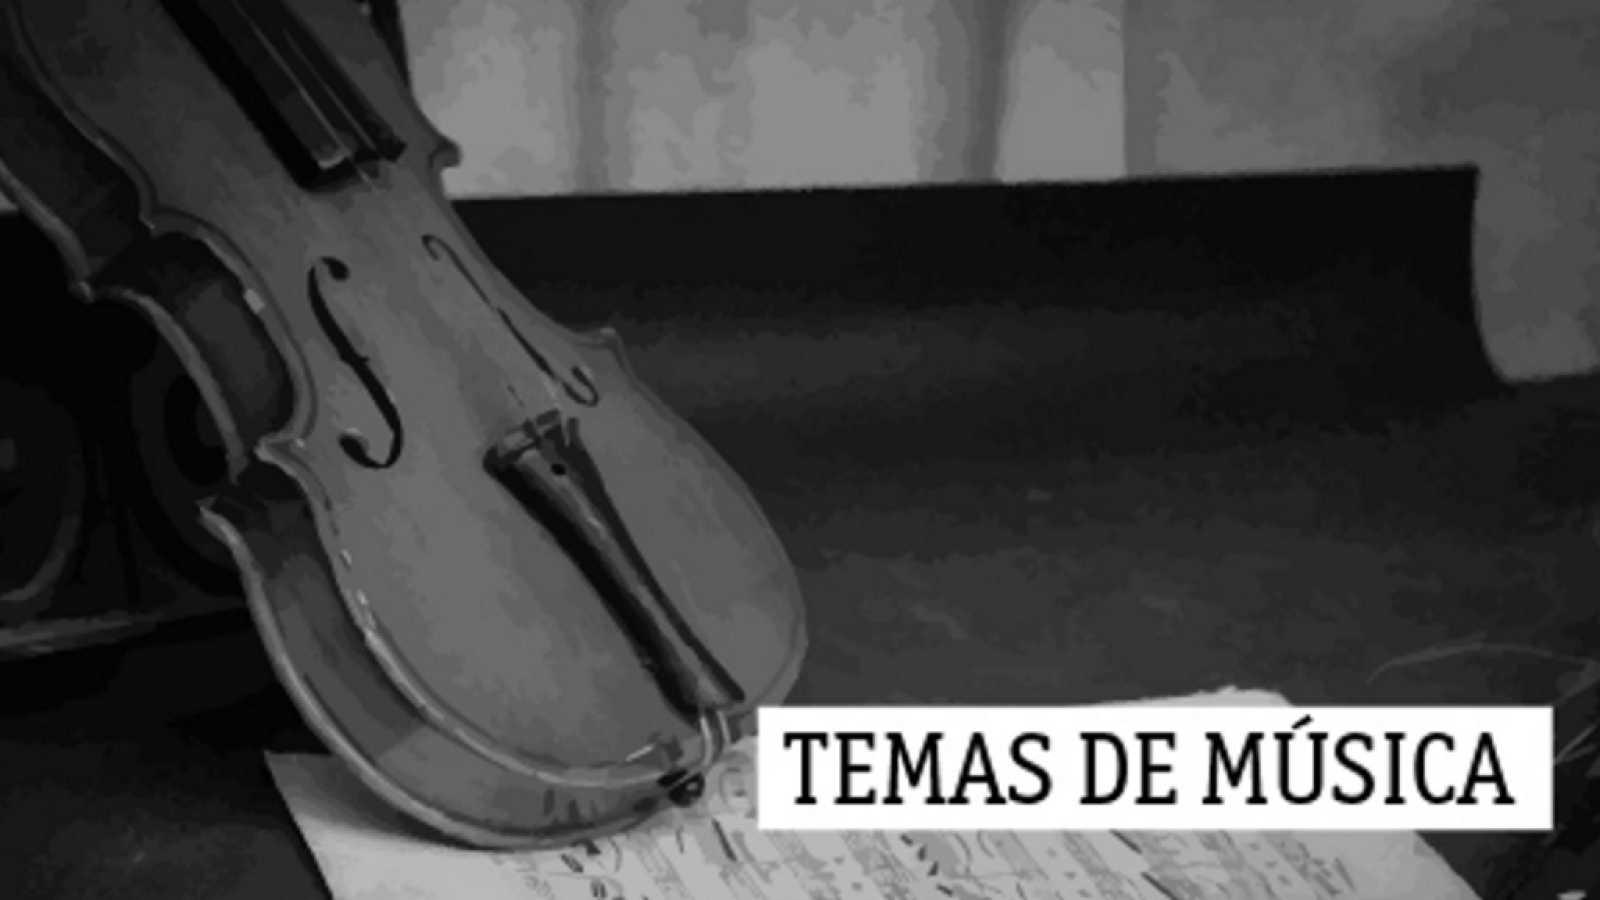 Temas de música - Farinelli en España. La leyenda del artista (IV) - 09/05/21 - escuchar ahora